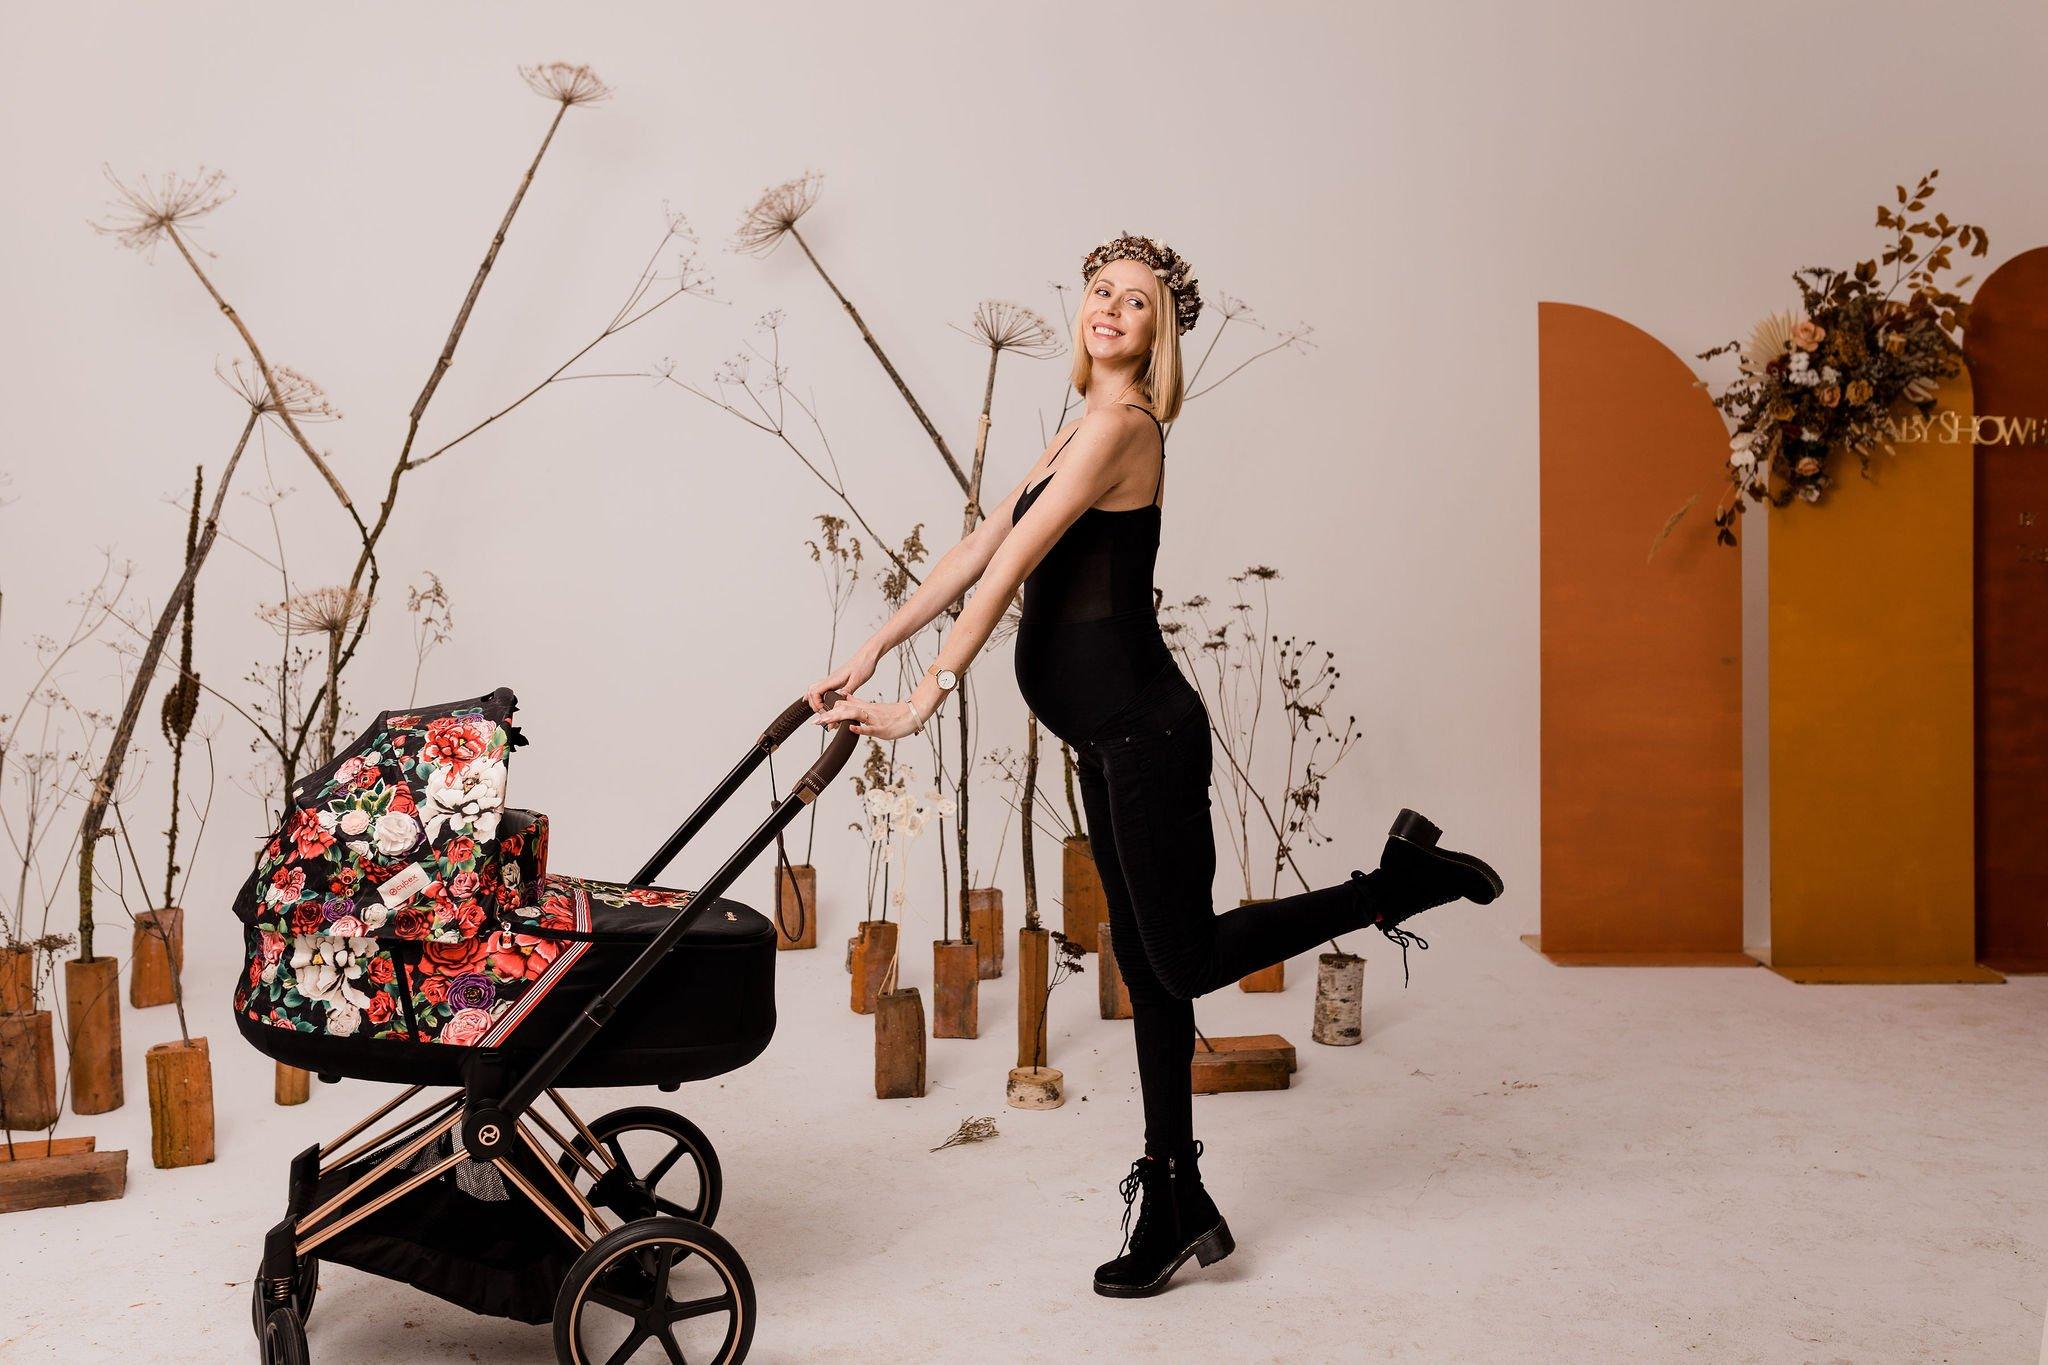 babyshower_reportaż_charlottesse-189